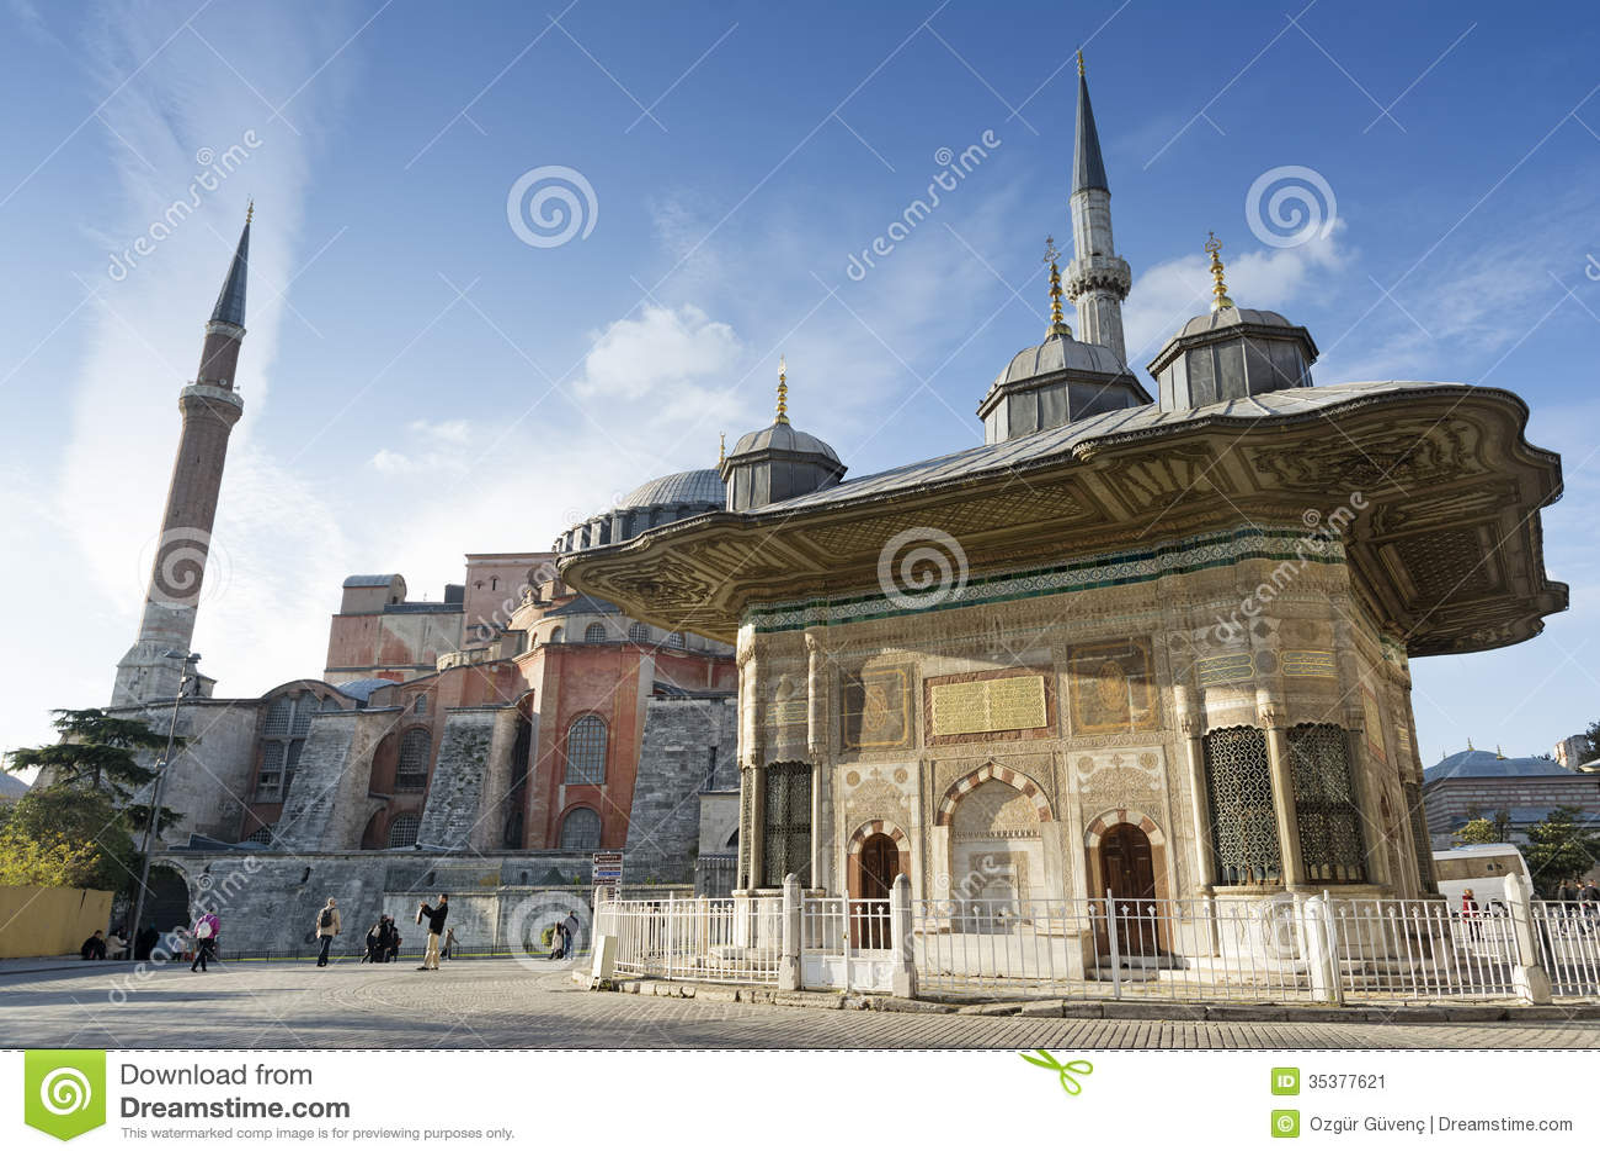 Fountain Of Ahmet III And St. Sophia, Istanbul, Turkey ...